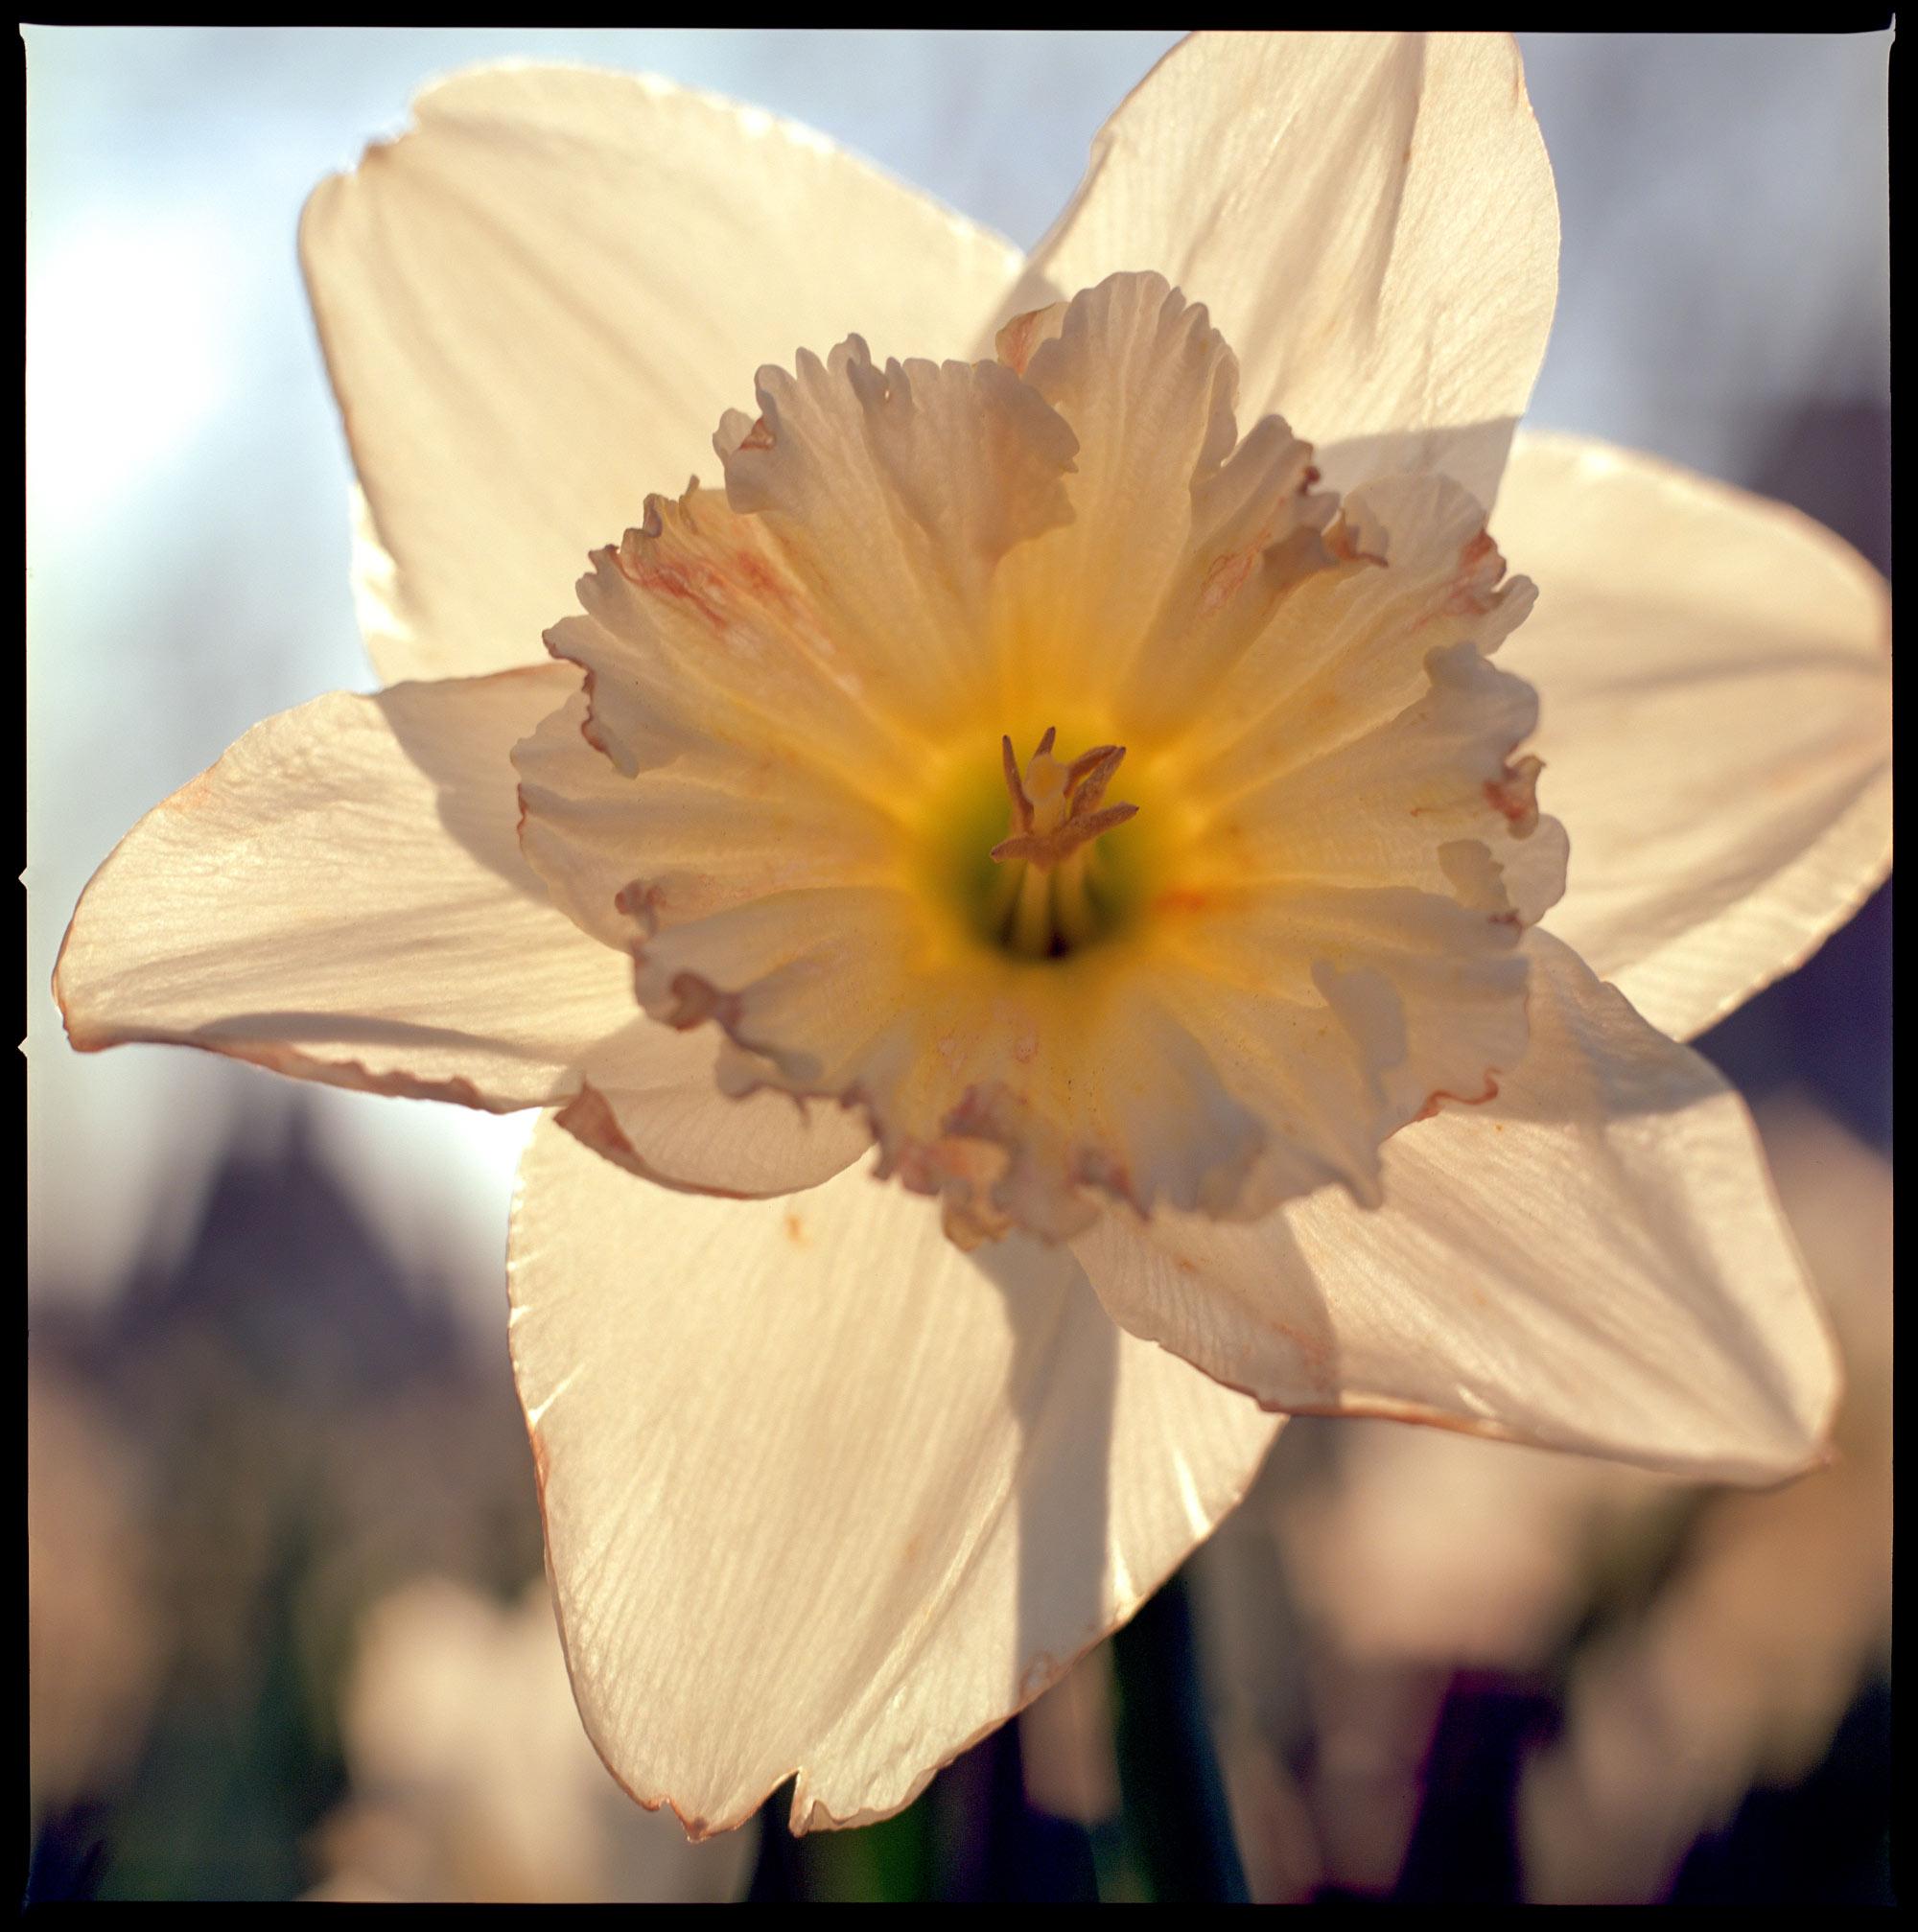 Daffodil at dawn